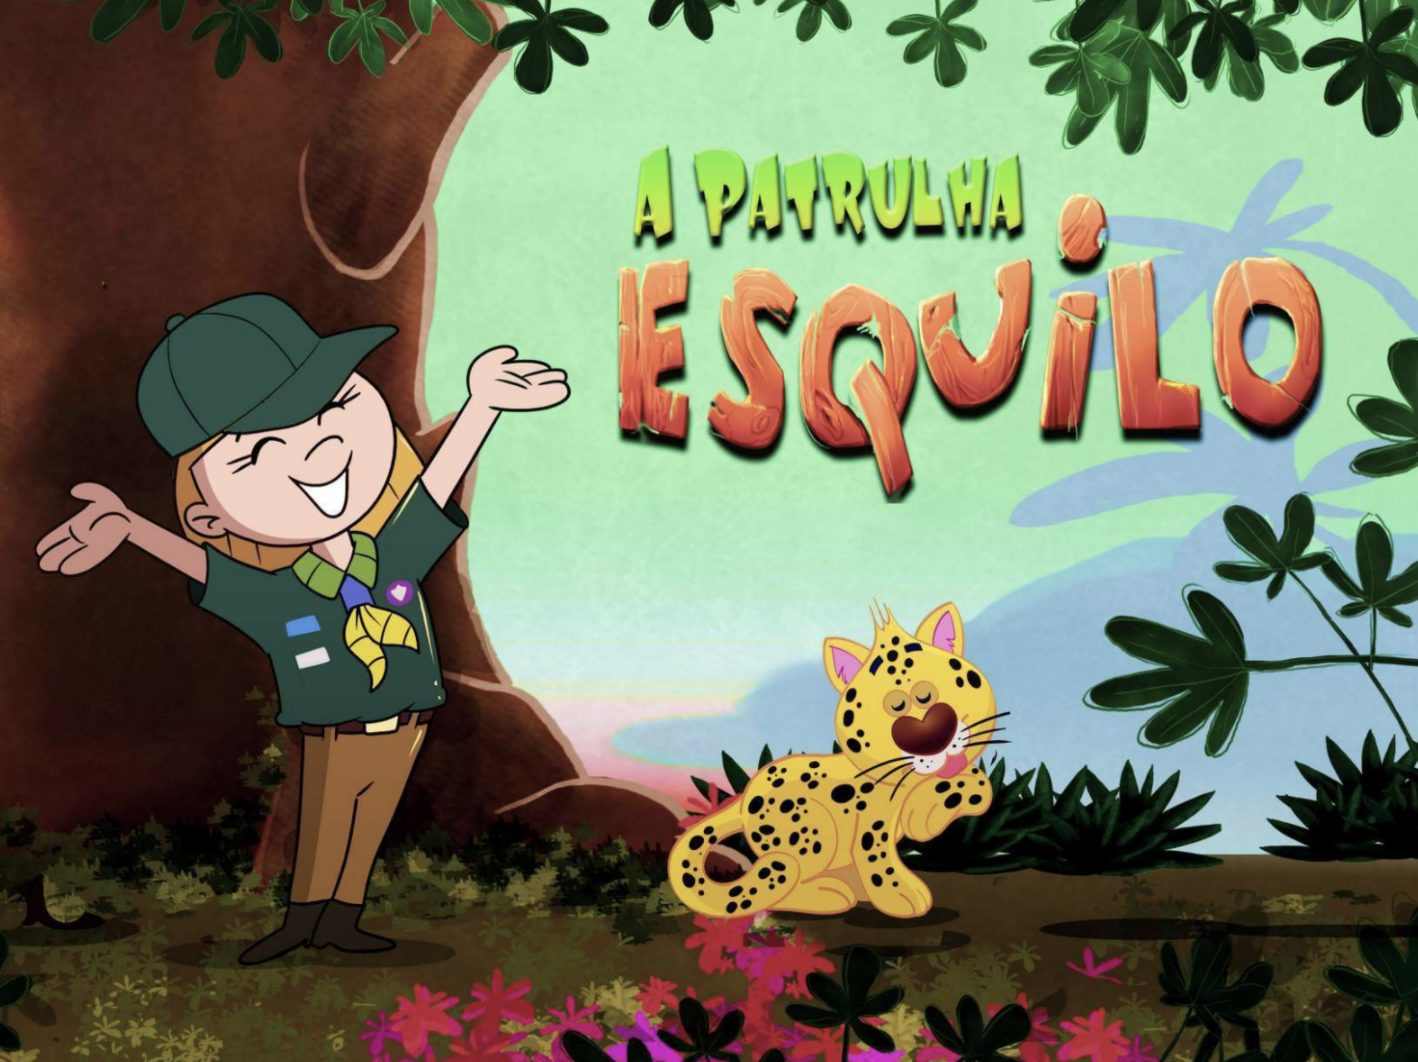 Patrulha Esquilo: destine parte de seu IPTU para série animada sobre Escotismo